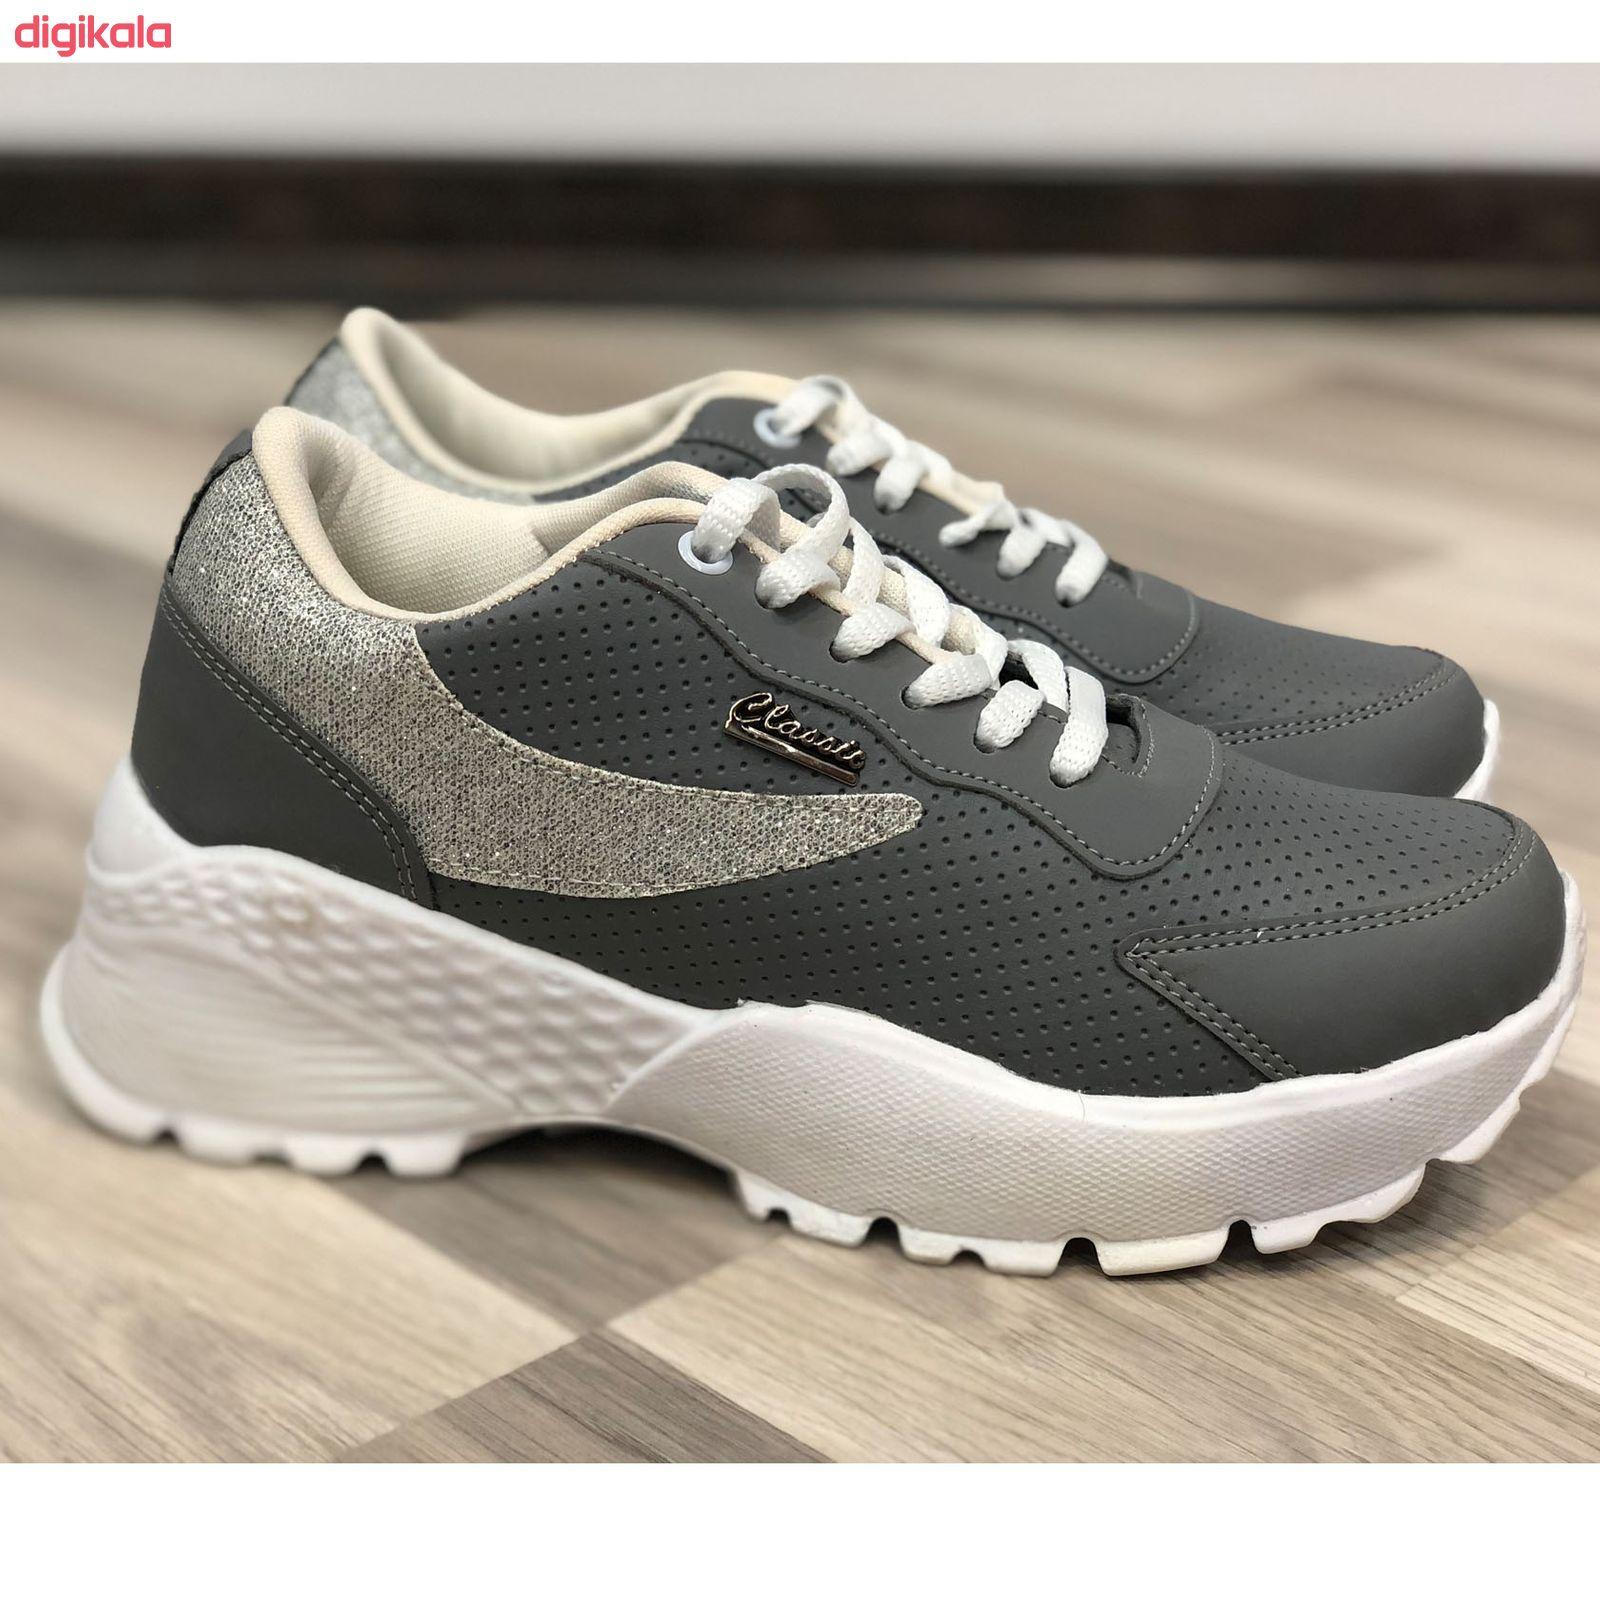 کفش مخصوص پیاده روی زنانه کد Go321 main 1 5